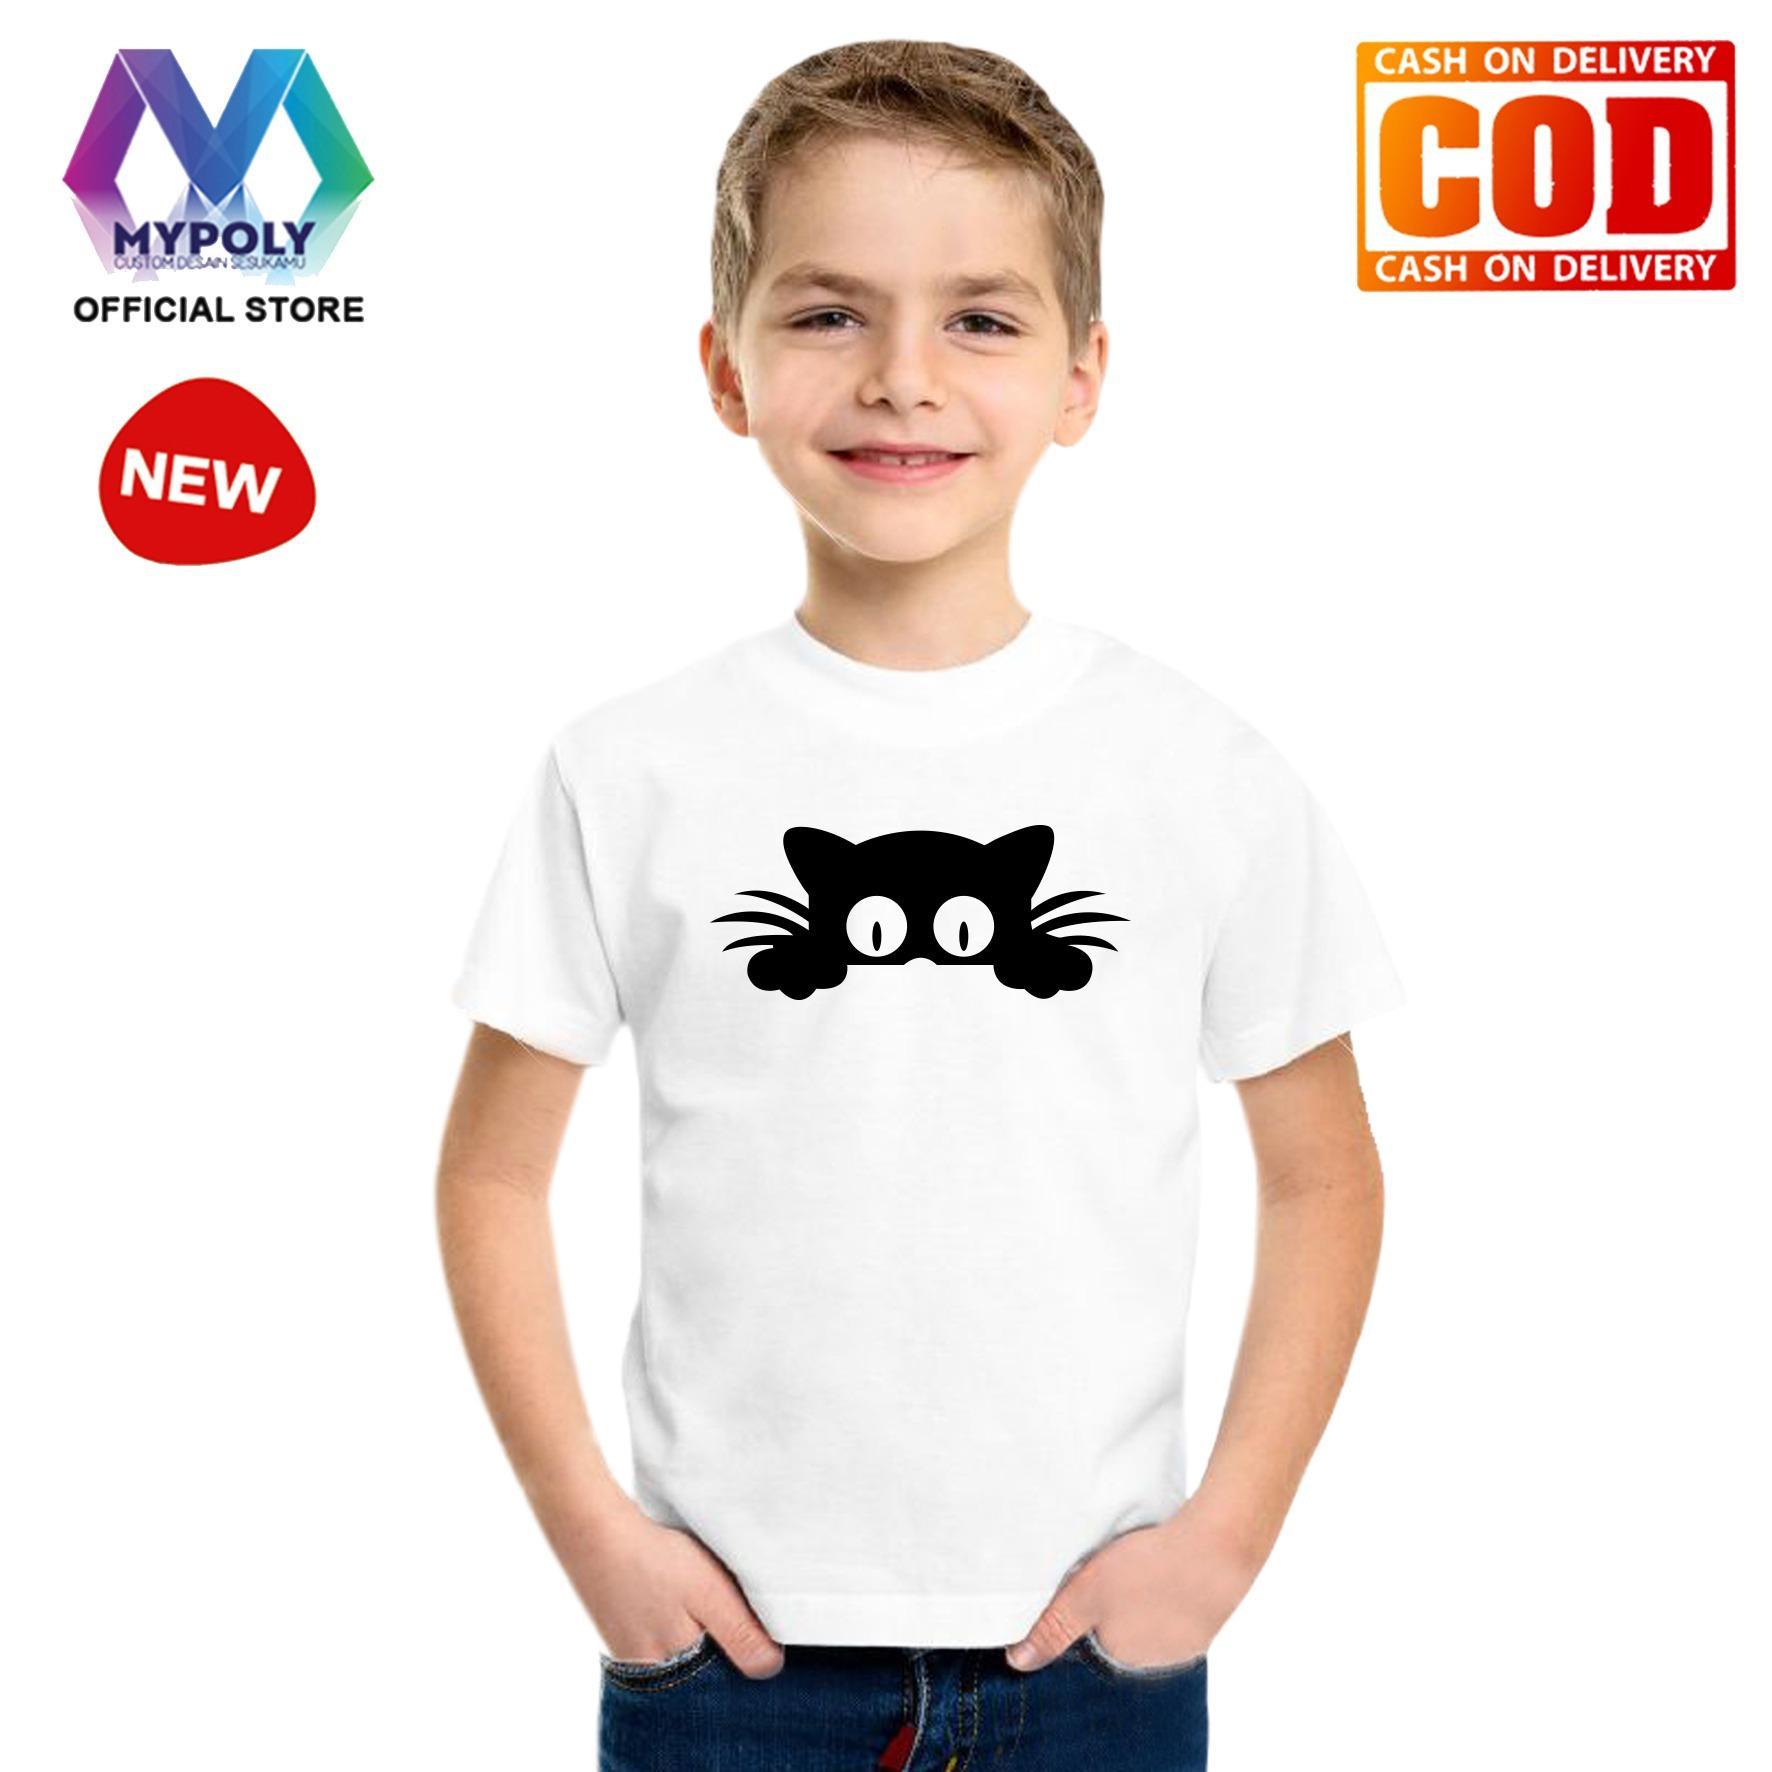 Kaos Premium Mypoly Anak Pria laki-laki AP / Baju Couple Family Keluarga / Tshirt distro / Fashion atasan / Kaos Anime / Kaos Animasi / Kaos Super Hero / Kaos Kartun / Kaos Cartoon / Kaos Lucu / Kaos Gambar Karakter / Kaos Anak Cat Look Up